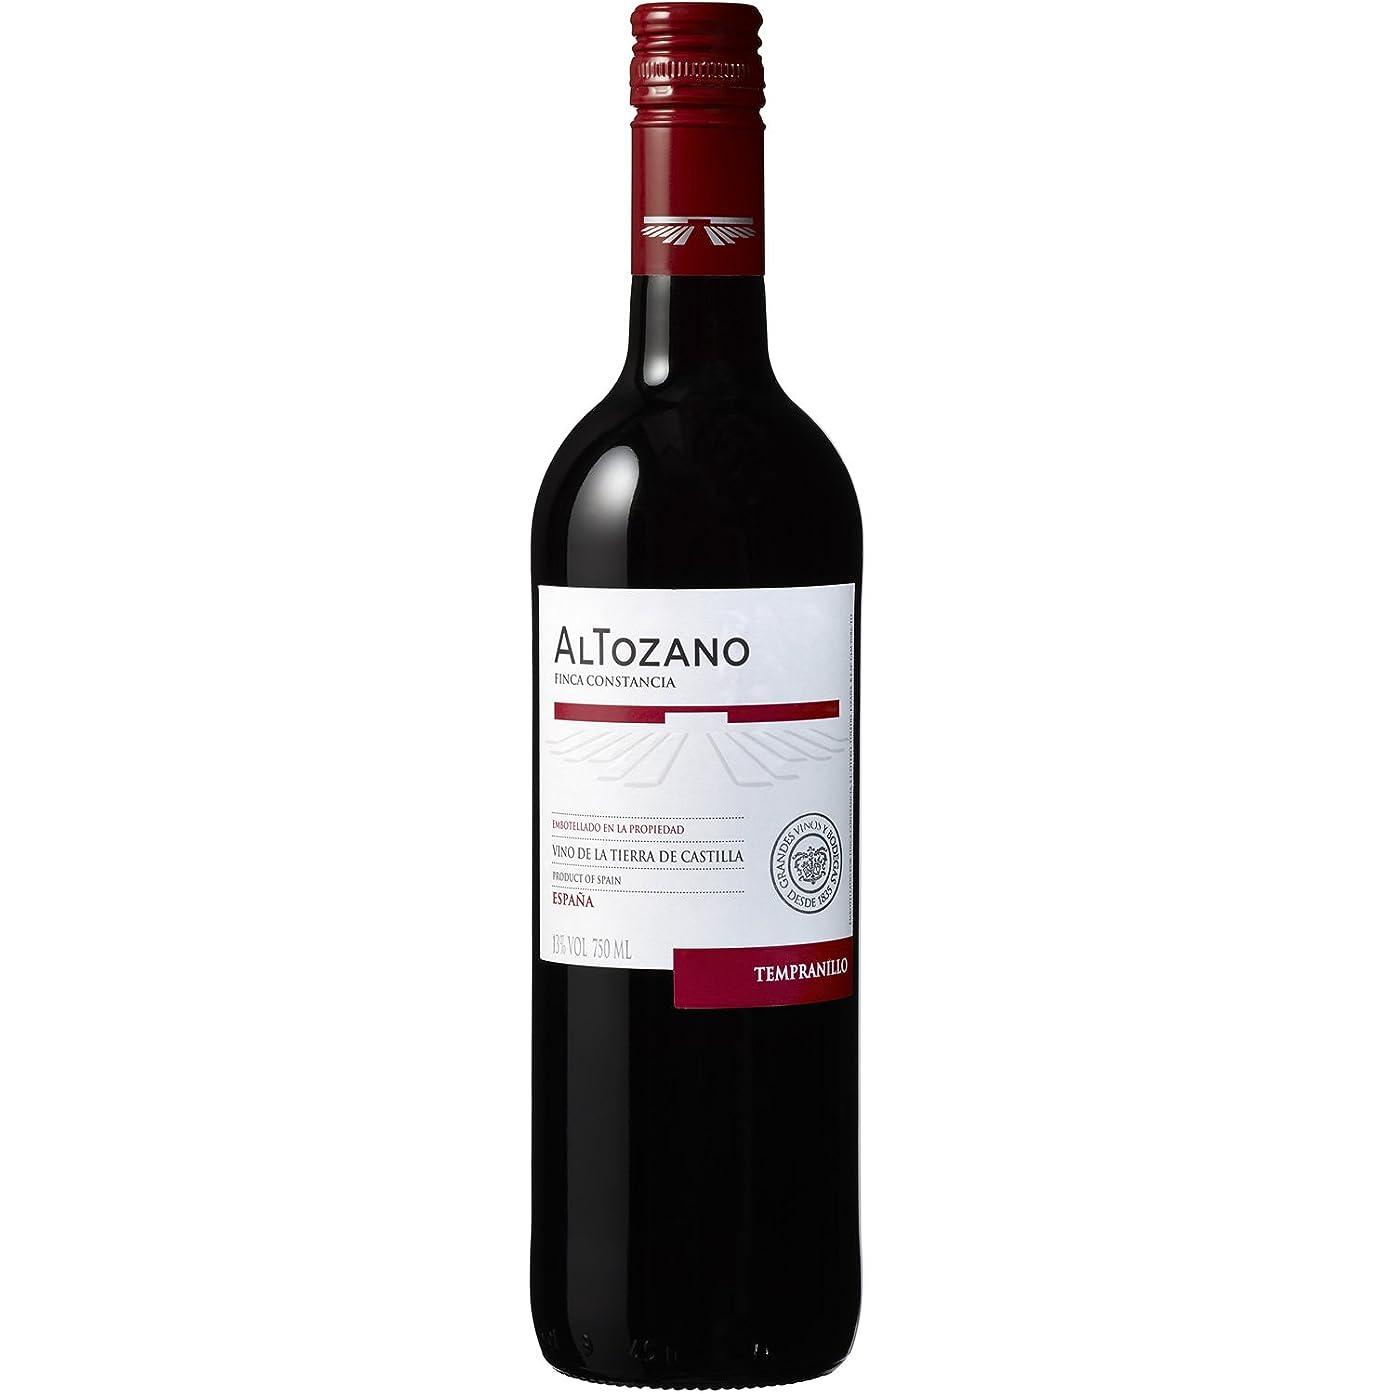 応援する深くシャンパンアルトザーノ テンプラニーリョ [ 赤ワイン ミディアムフルボディ スペイン 750ml ]